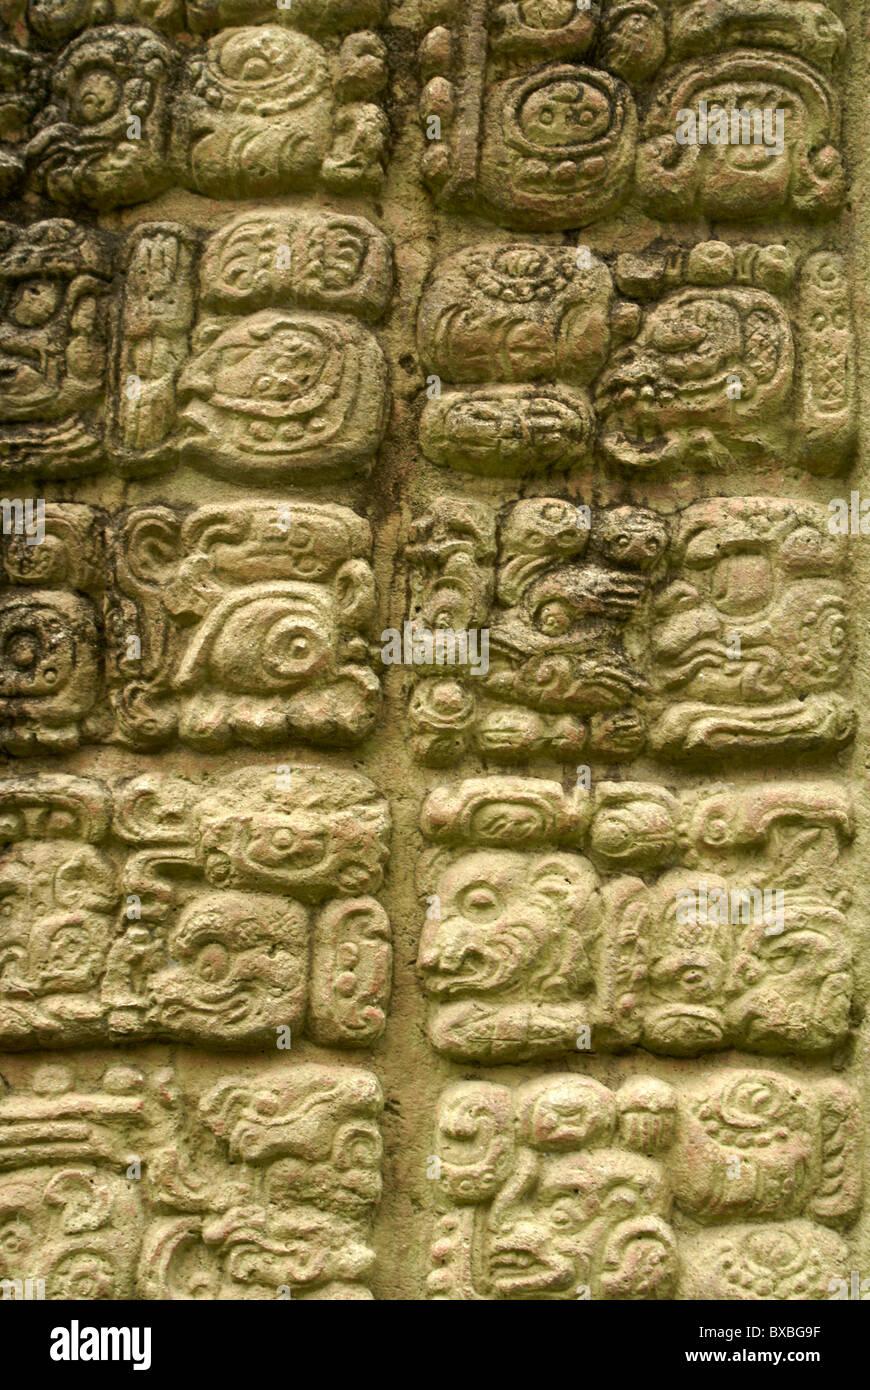 Mayan Hieroglyphics Stock Photos Mayan Hieroglyphics Stock